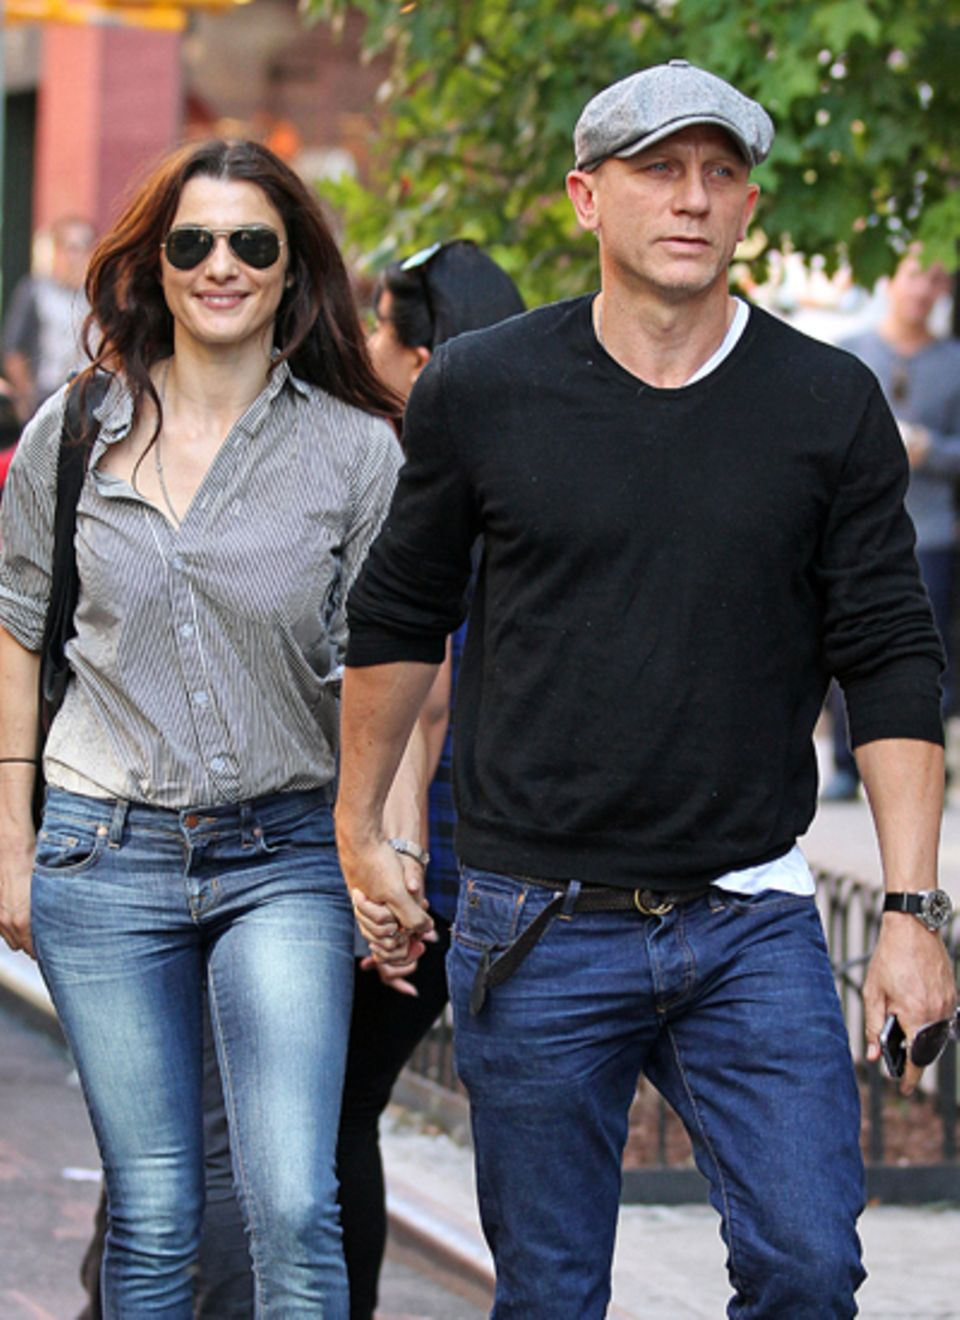 22. September 2012: Beim Spaziergang in New York lächelt Rachel Weisz den fotografen zu. Daniel Craig wirkt angespannter als sei